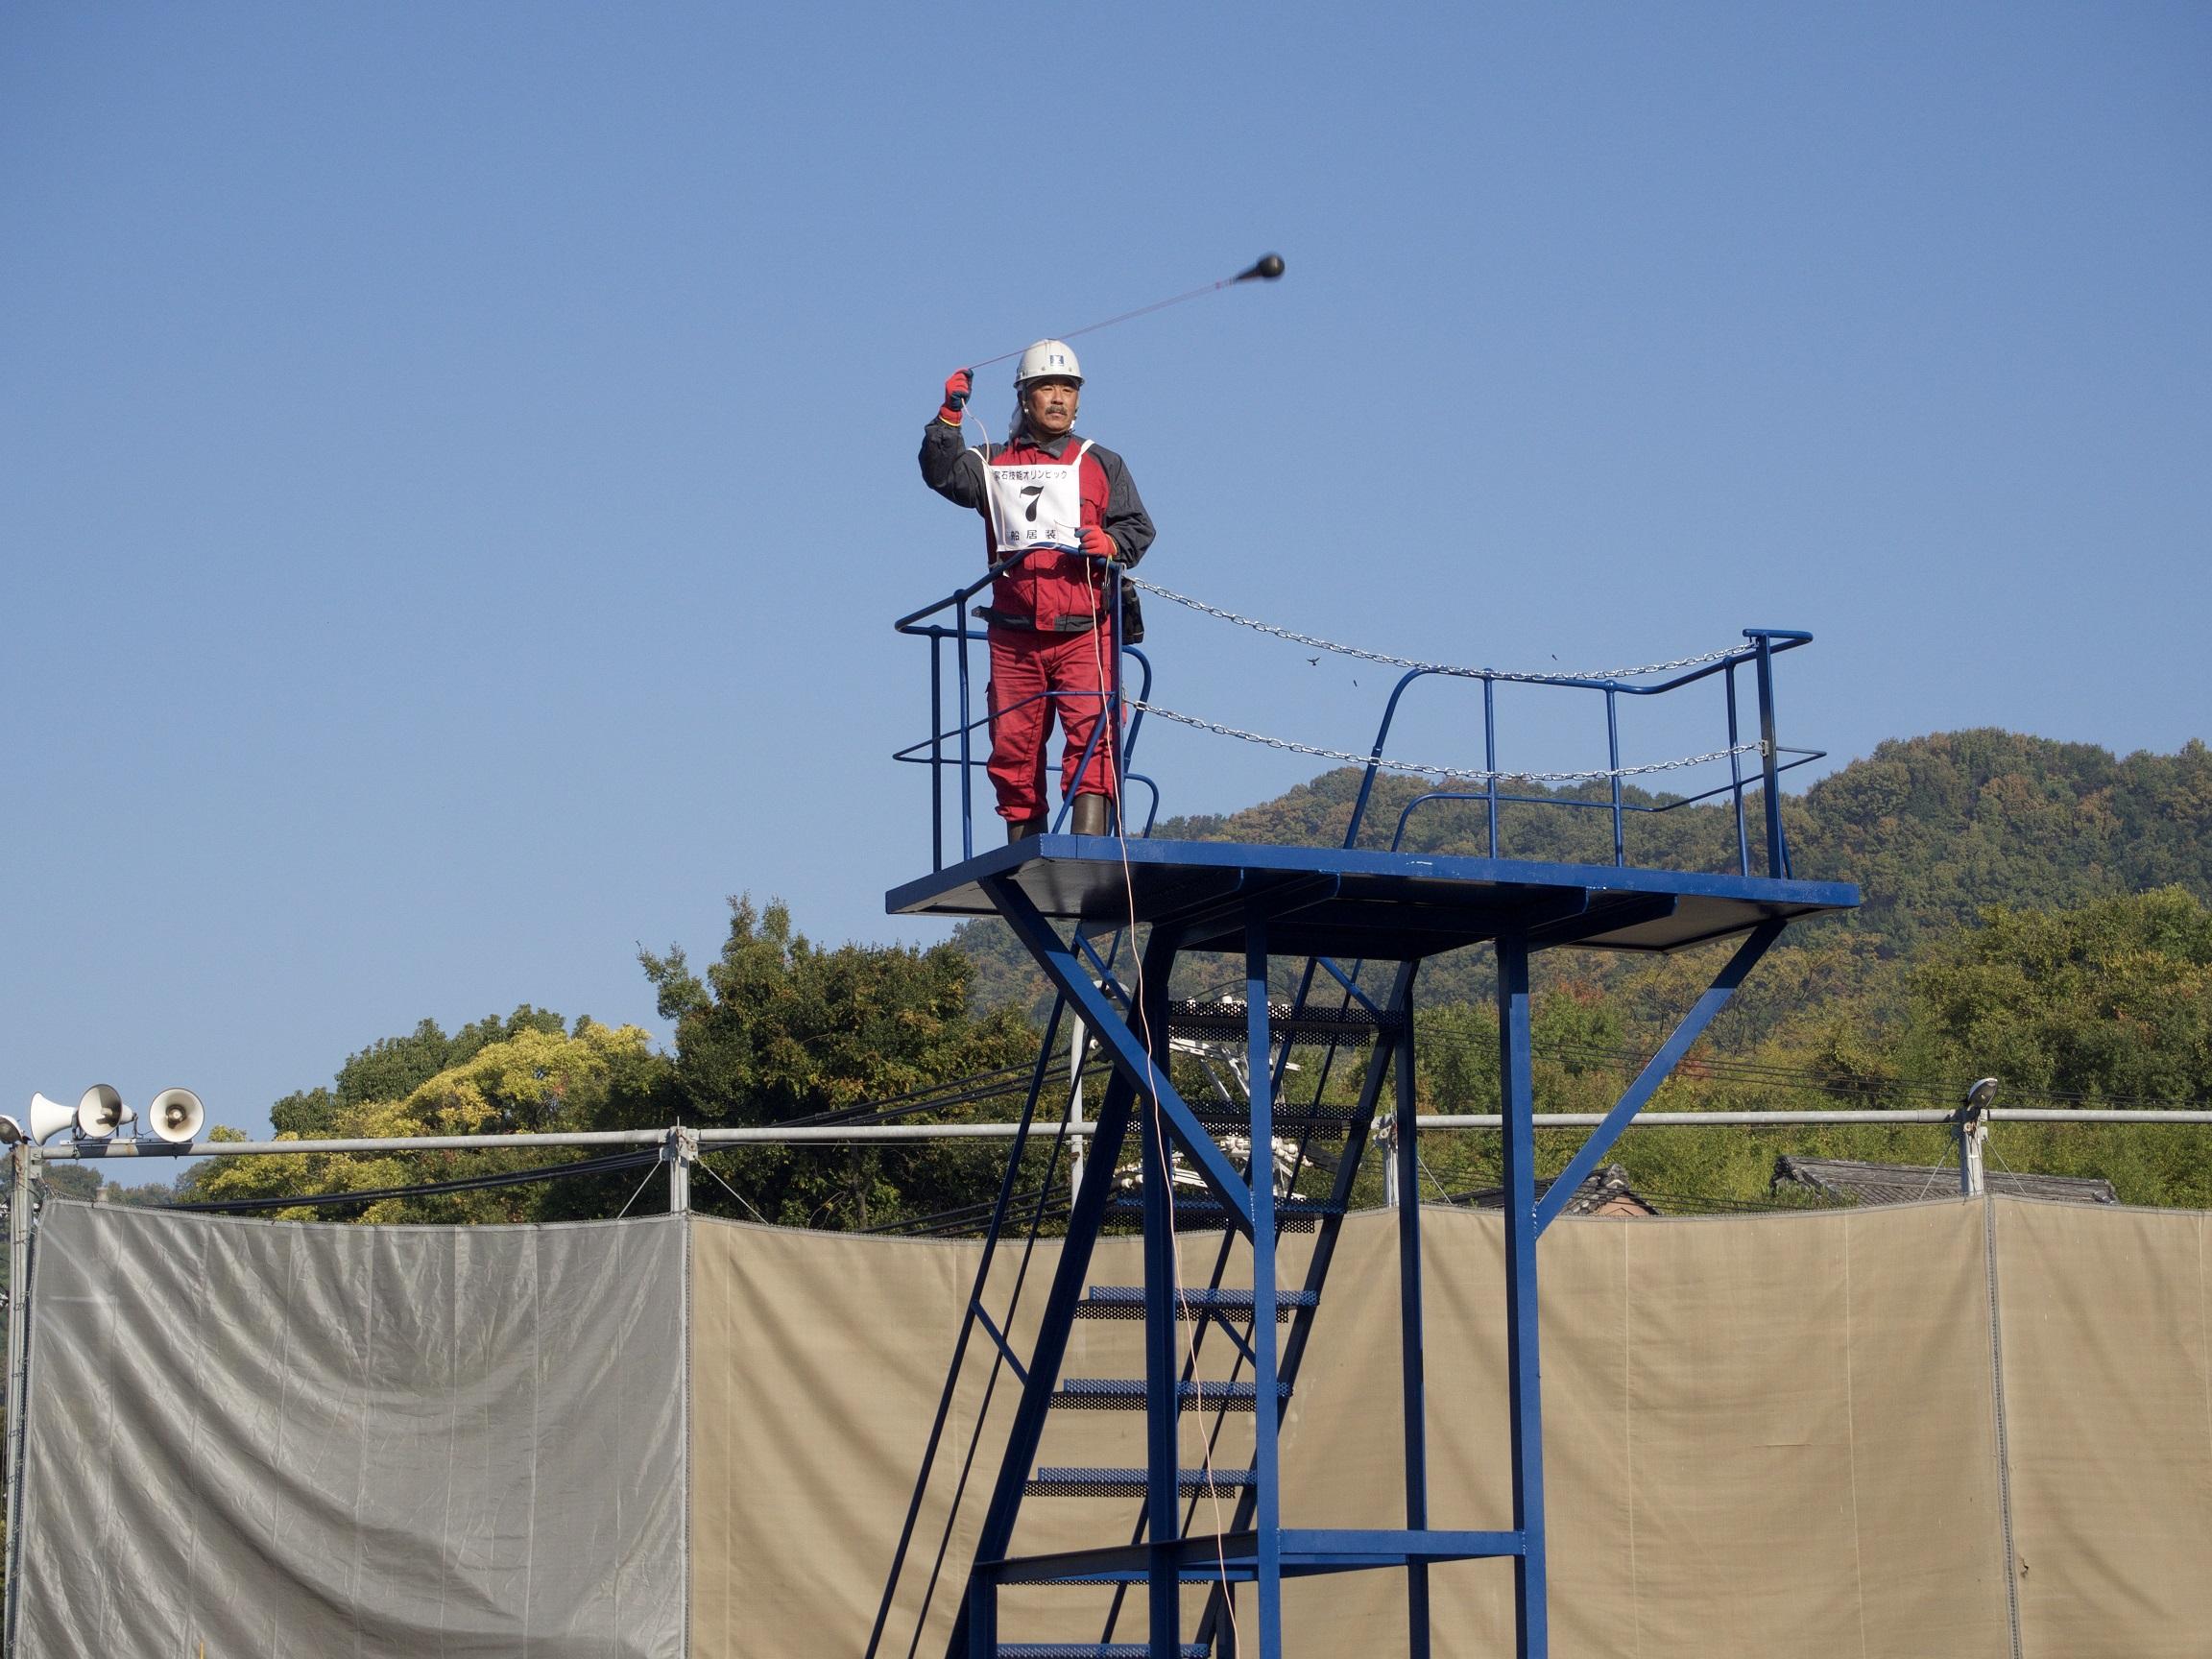 ヒービングロープ投げ競技